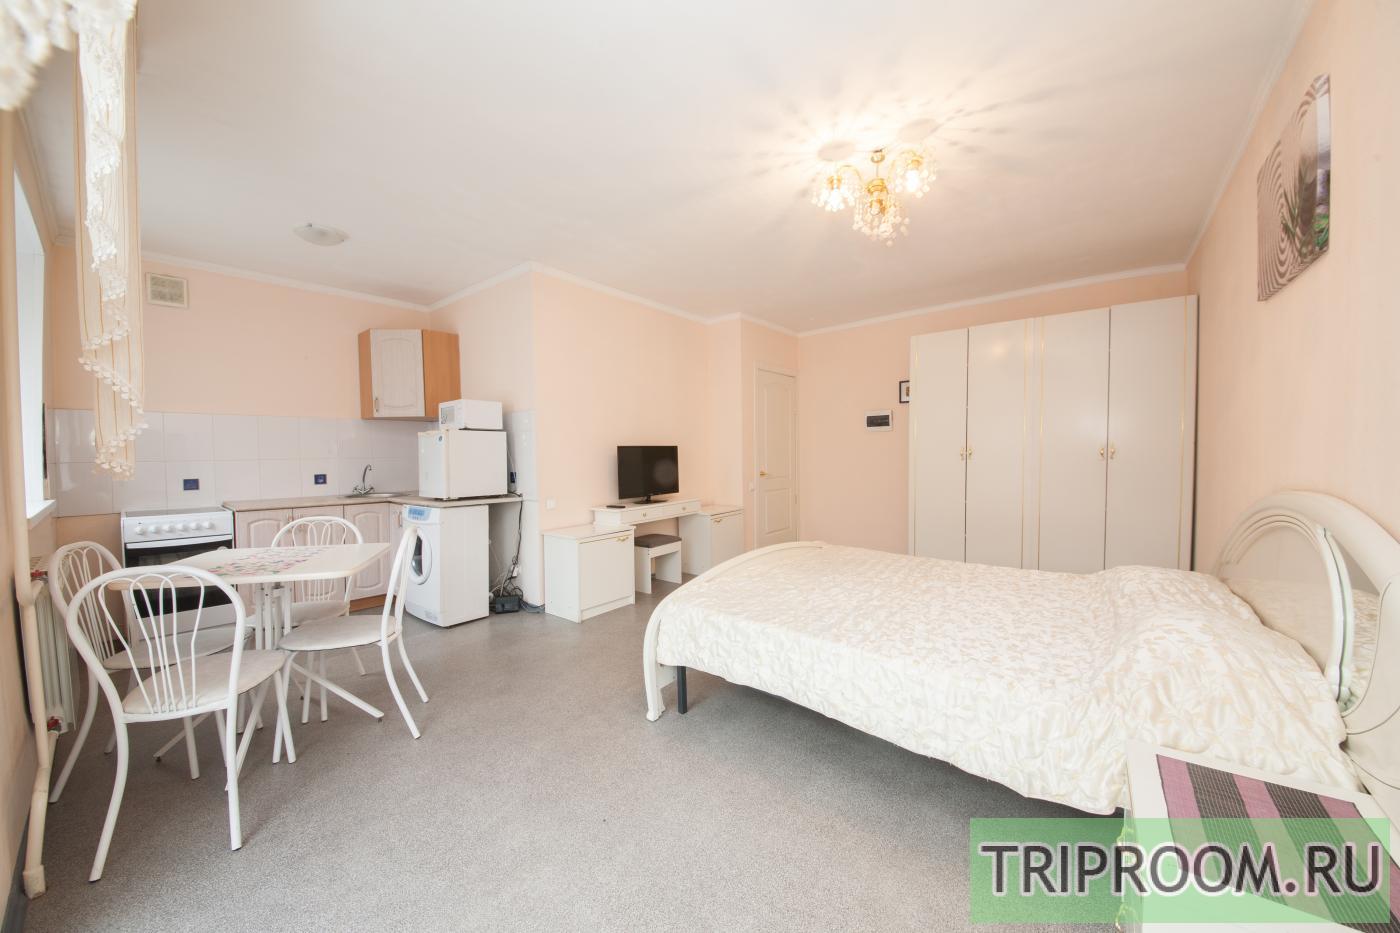 1-комнатная квартира посуточно (вариант № 16060), ул. Красной Армии, фото № 5